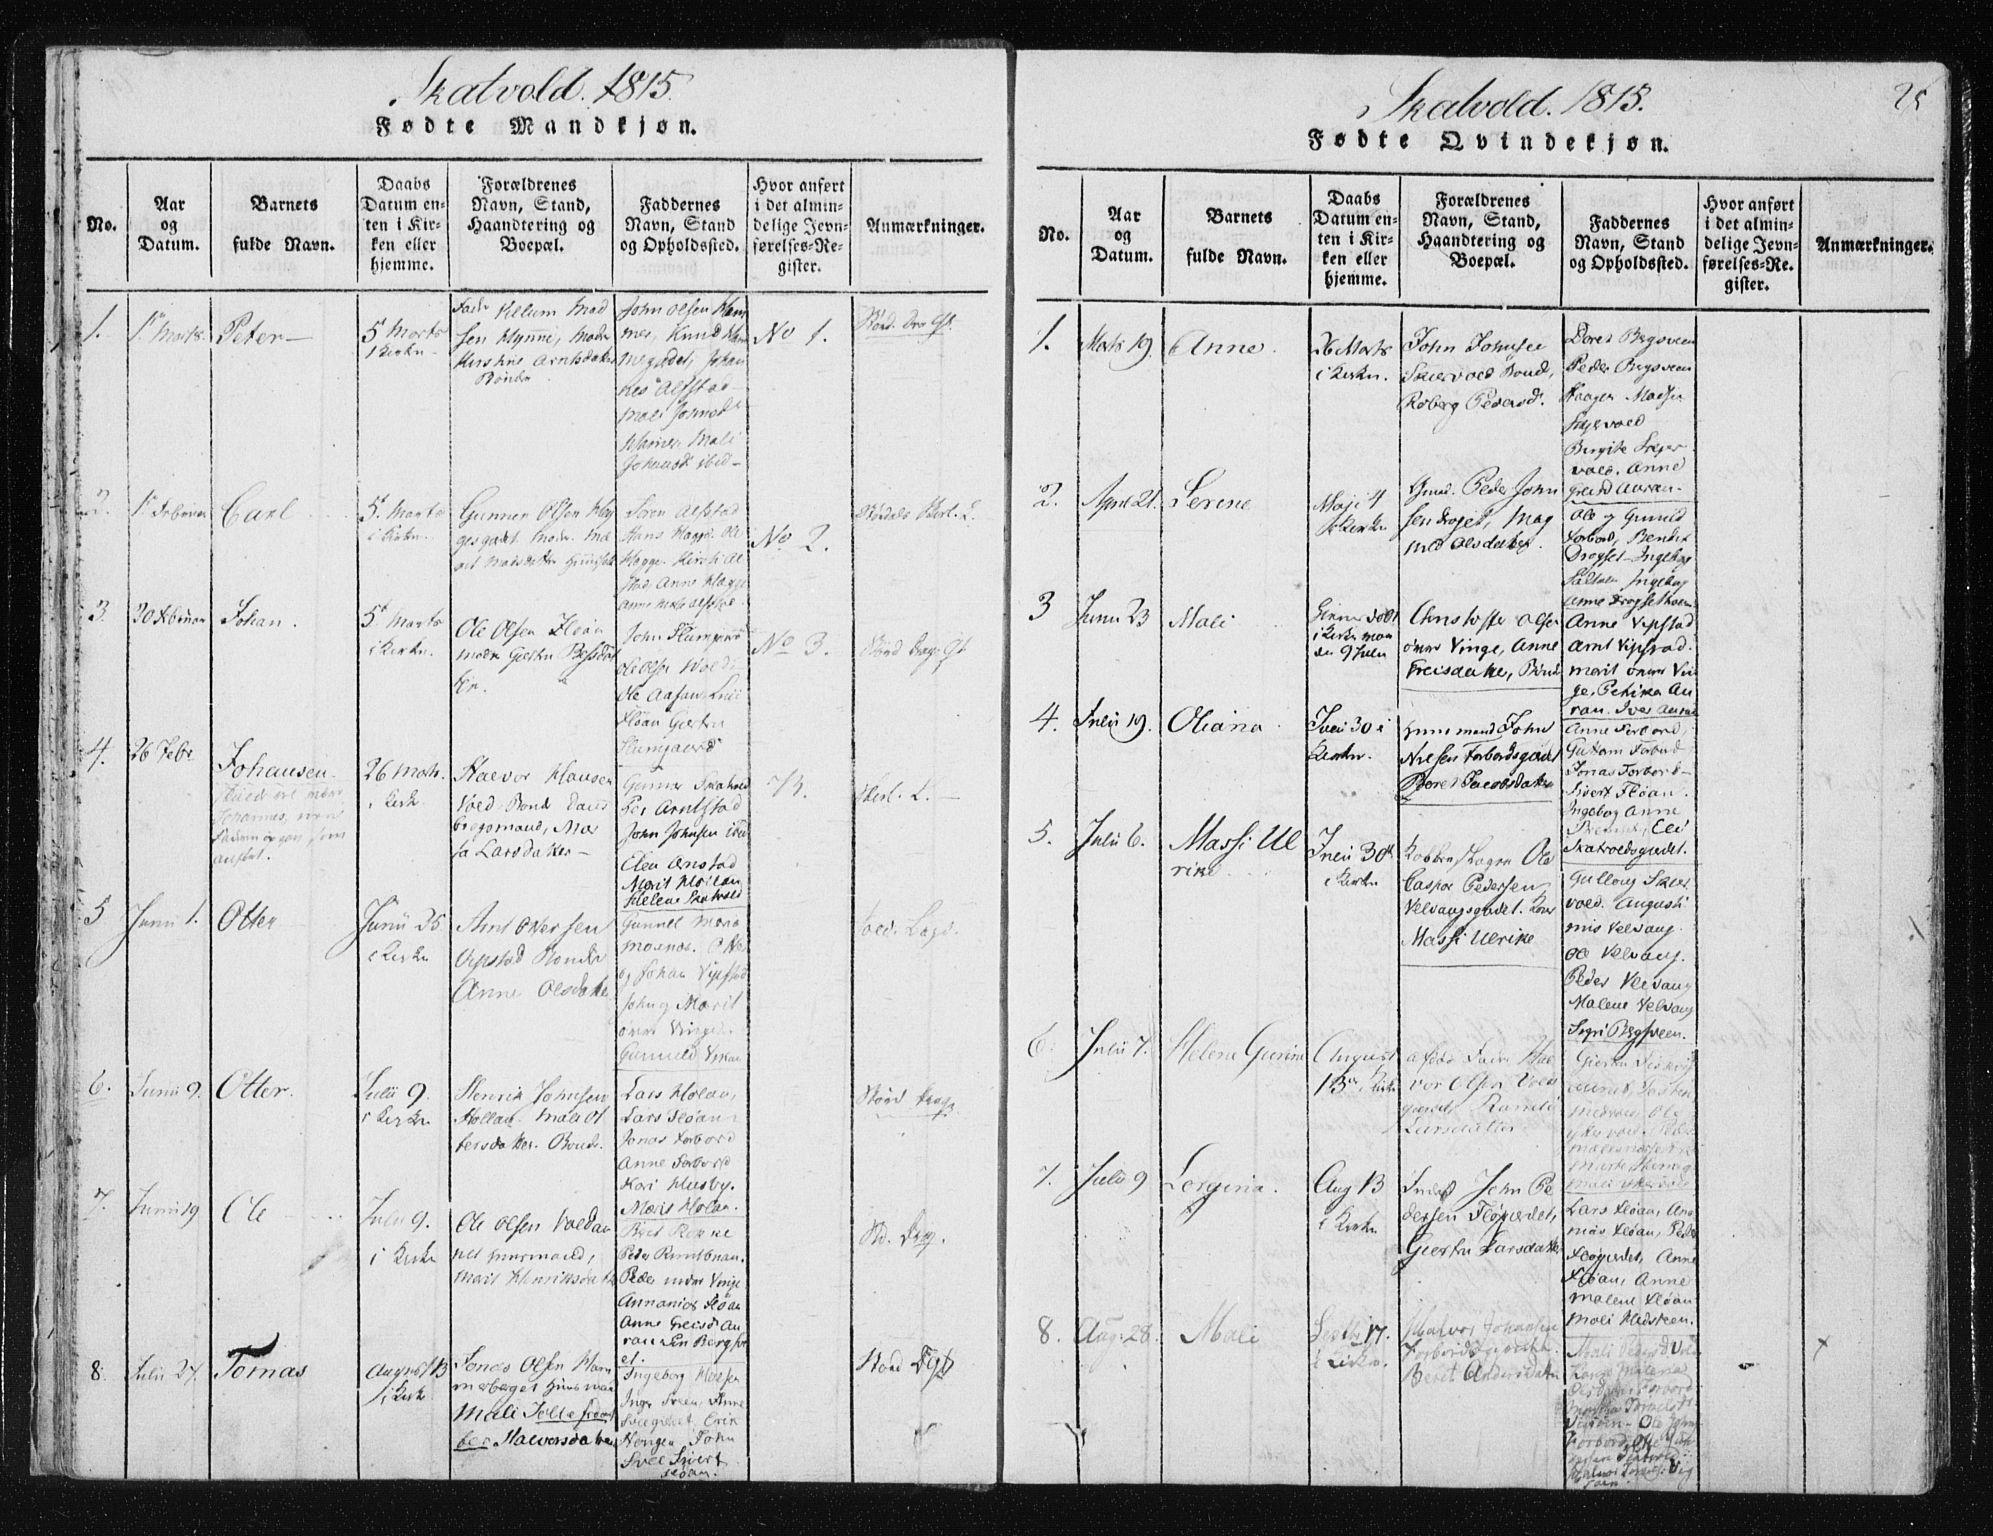 SAT, Ministerialprotokoller, klokkerbøker og fødselsregistre - Nord-Trøndelag, 709/L0061: Ministerialbok nr. 709A08 /2, 1815-1819, s. 25